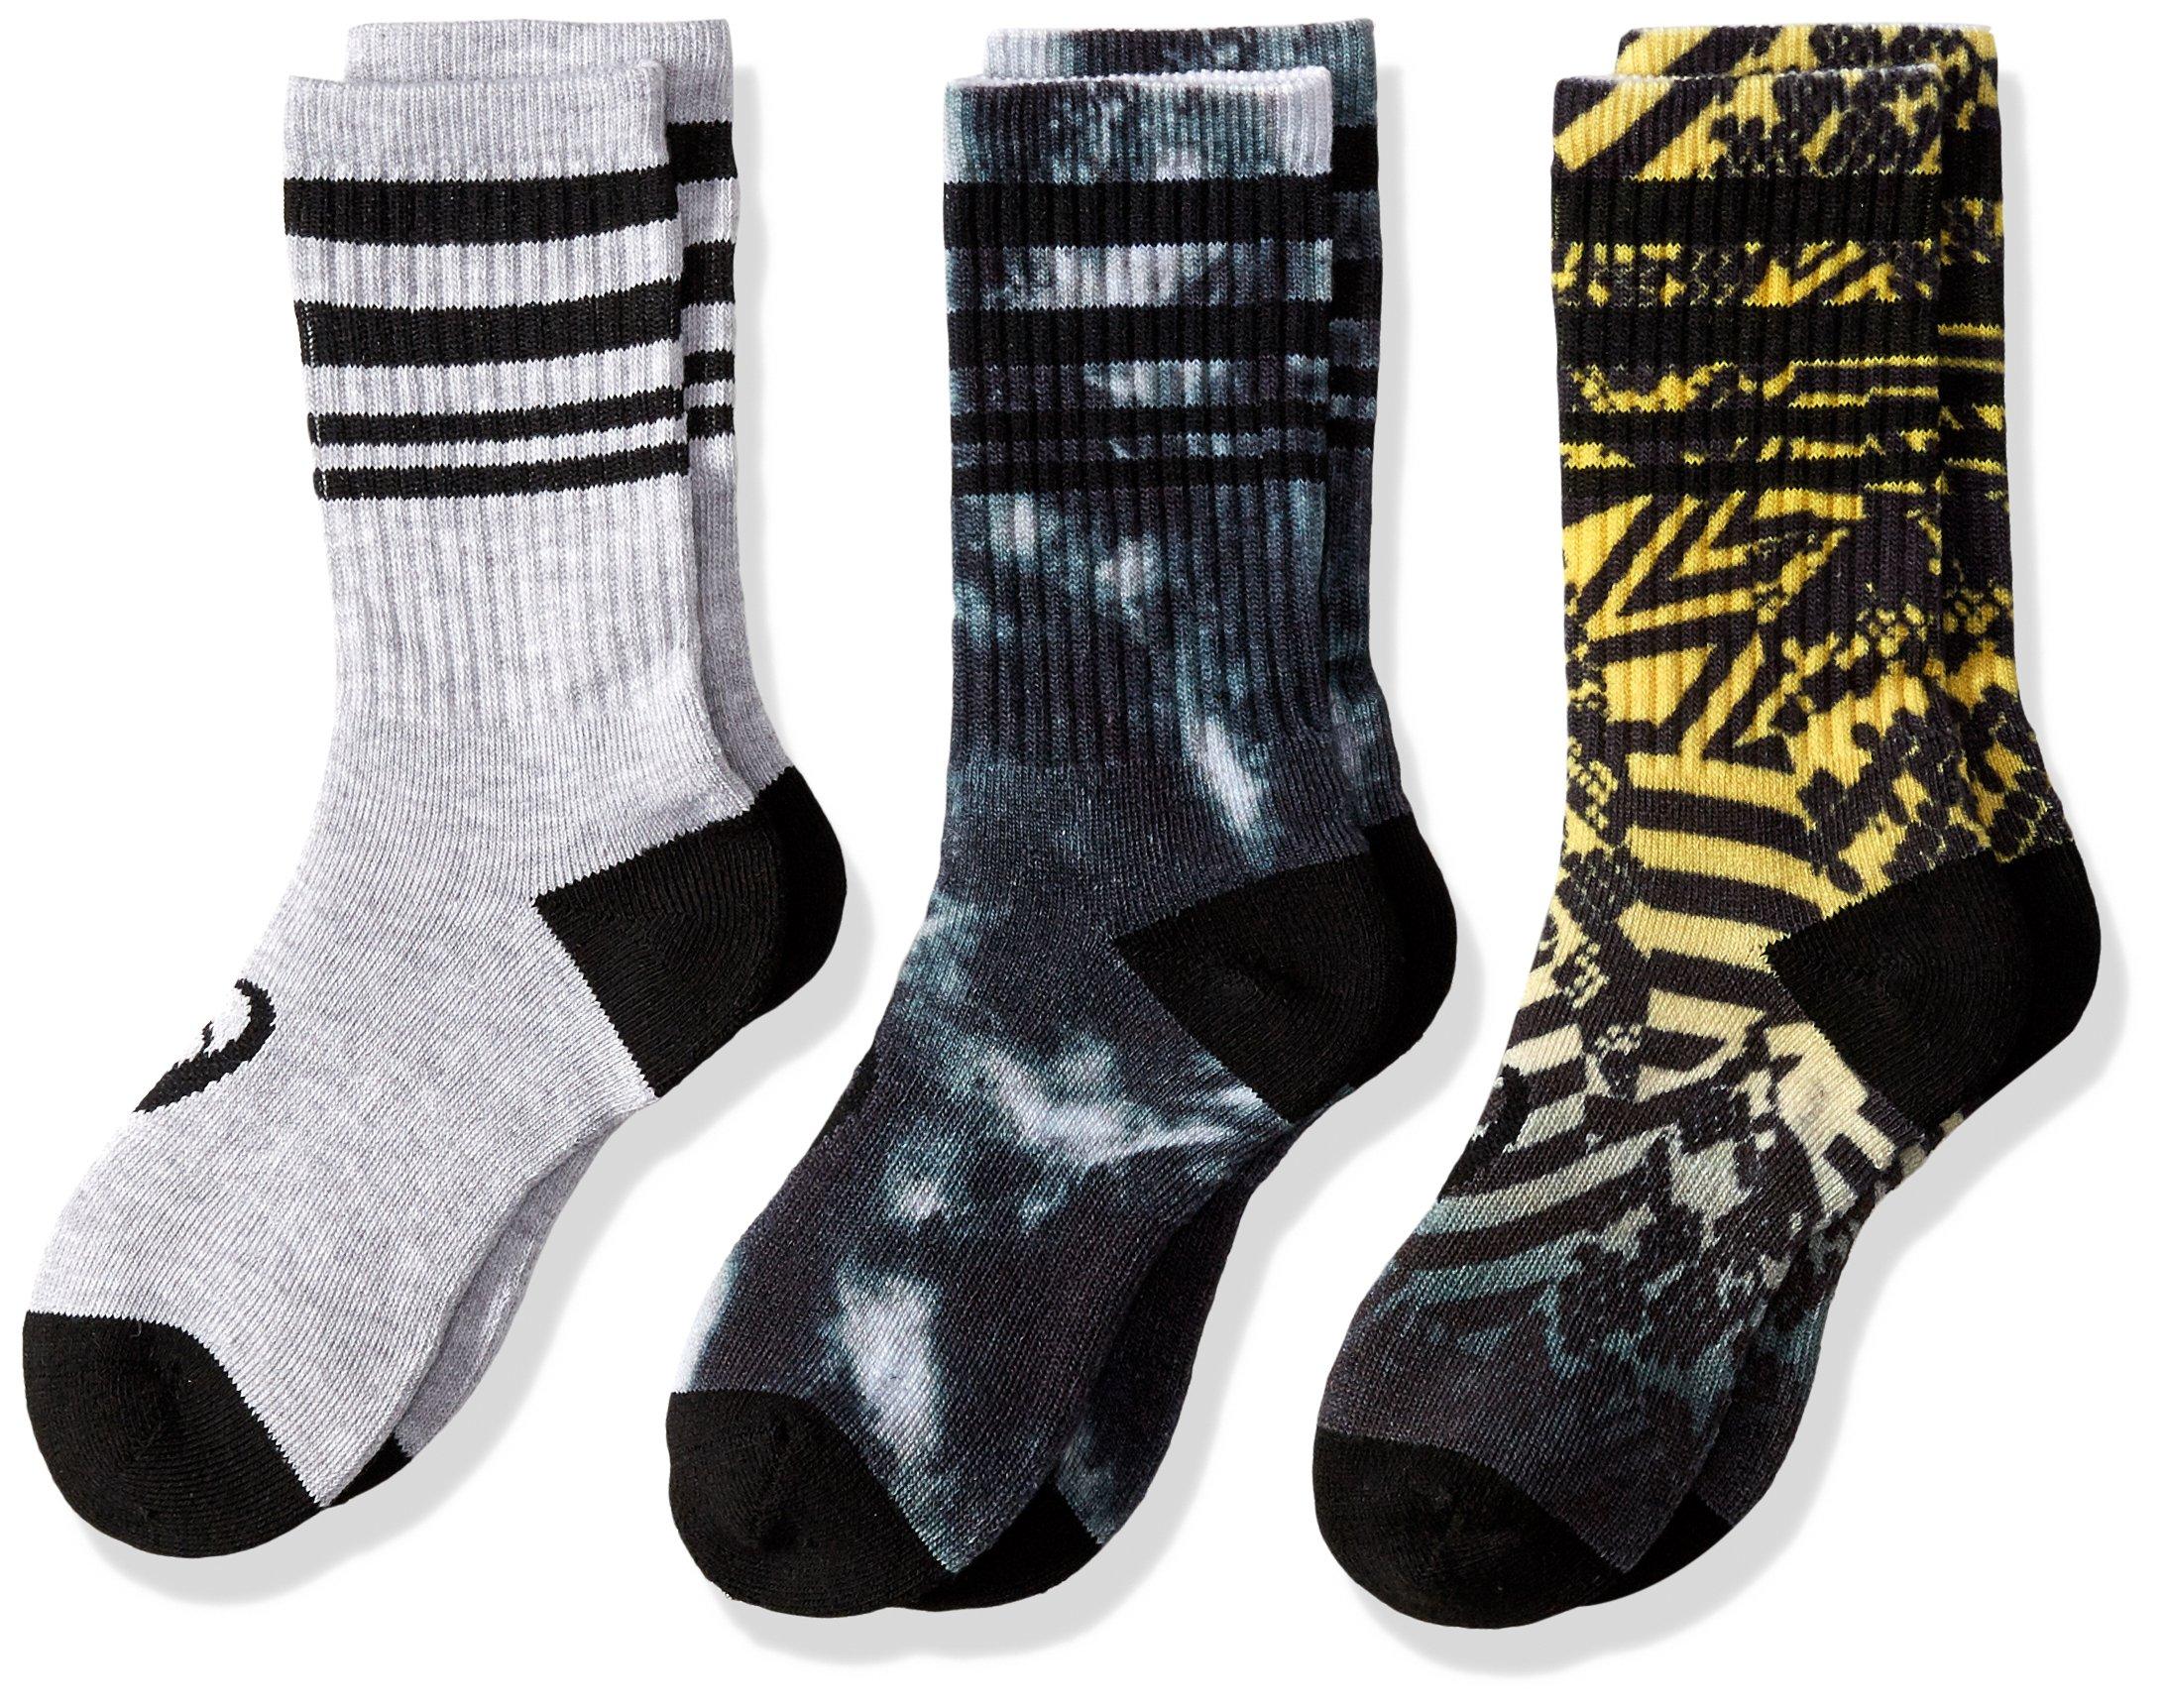 ASICS Contend Crew Running Socks (3 Pack)